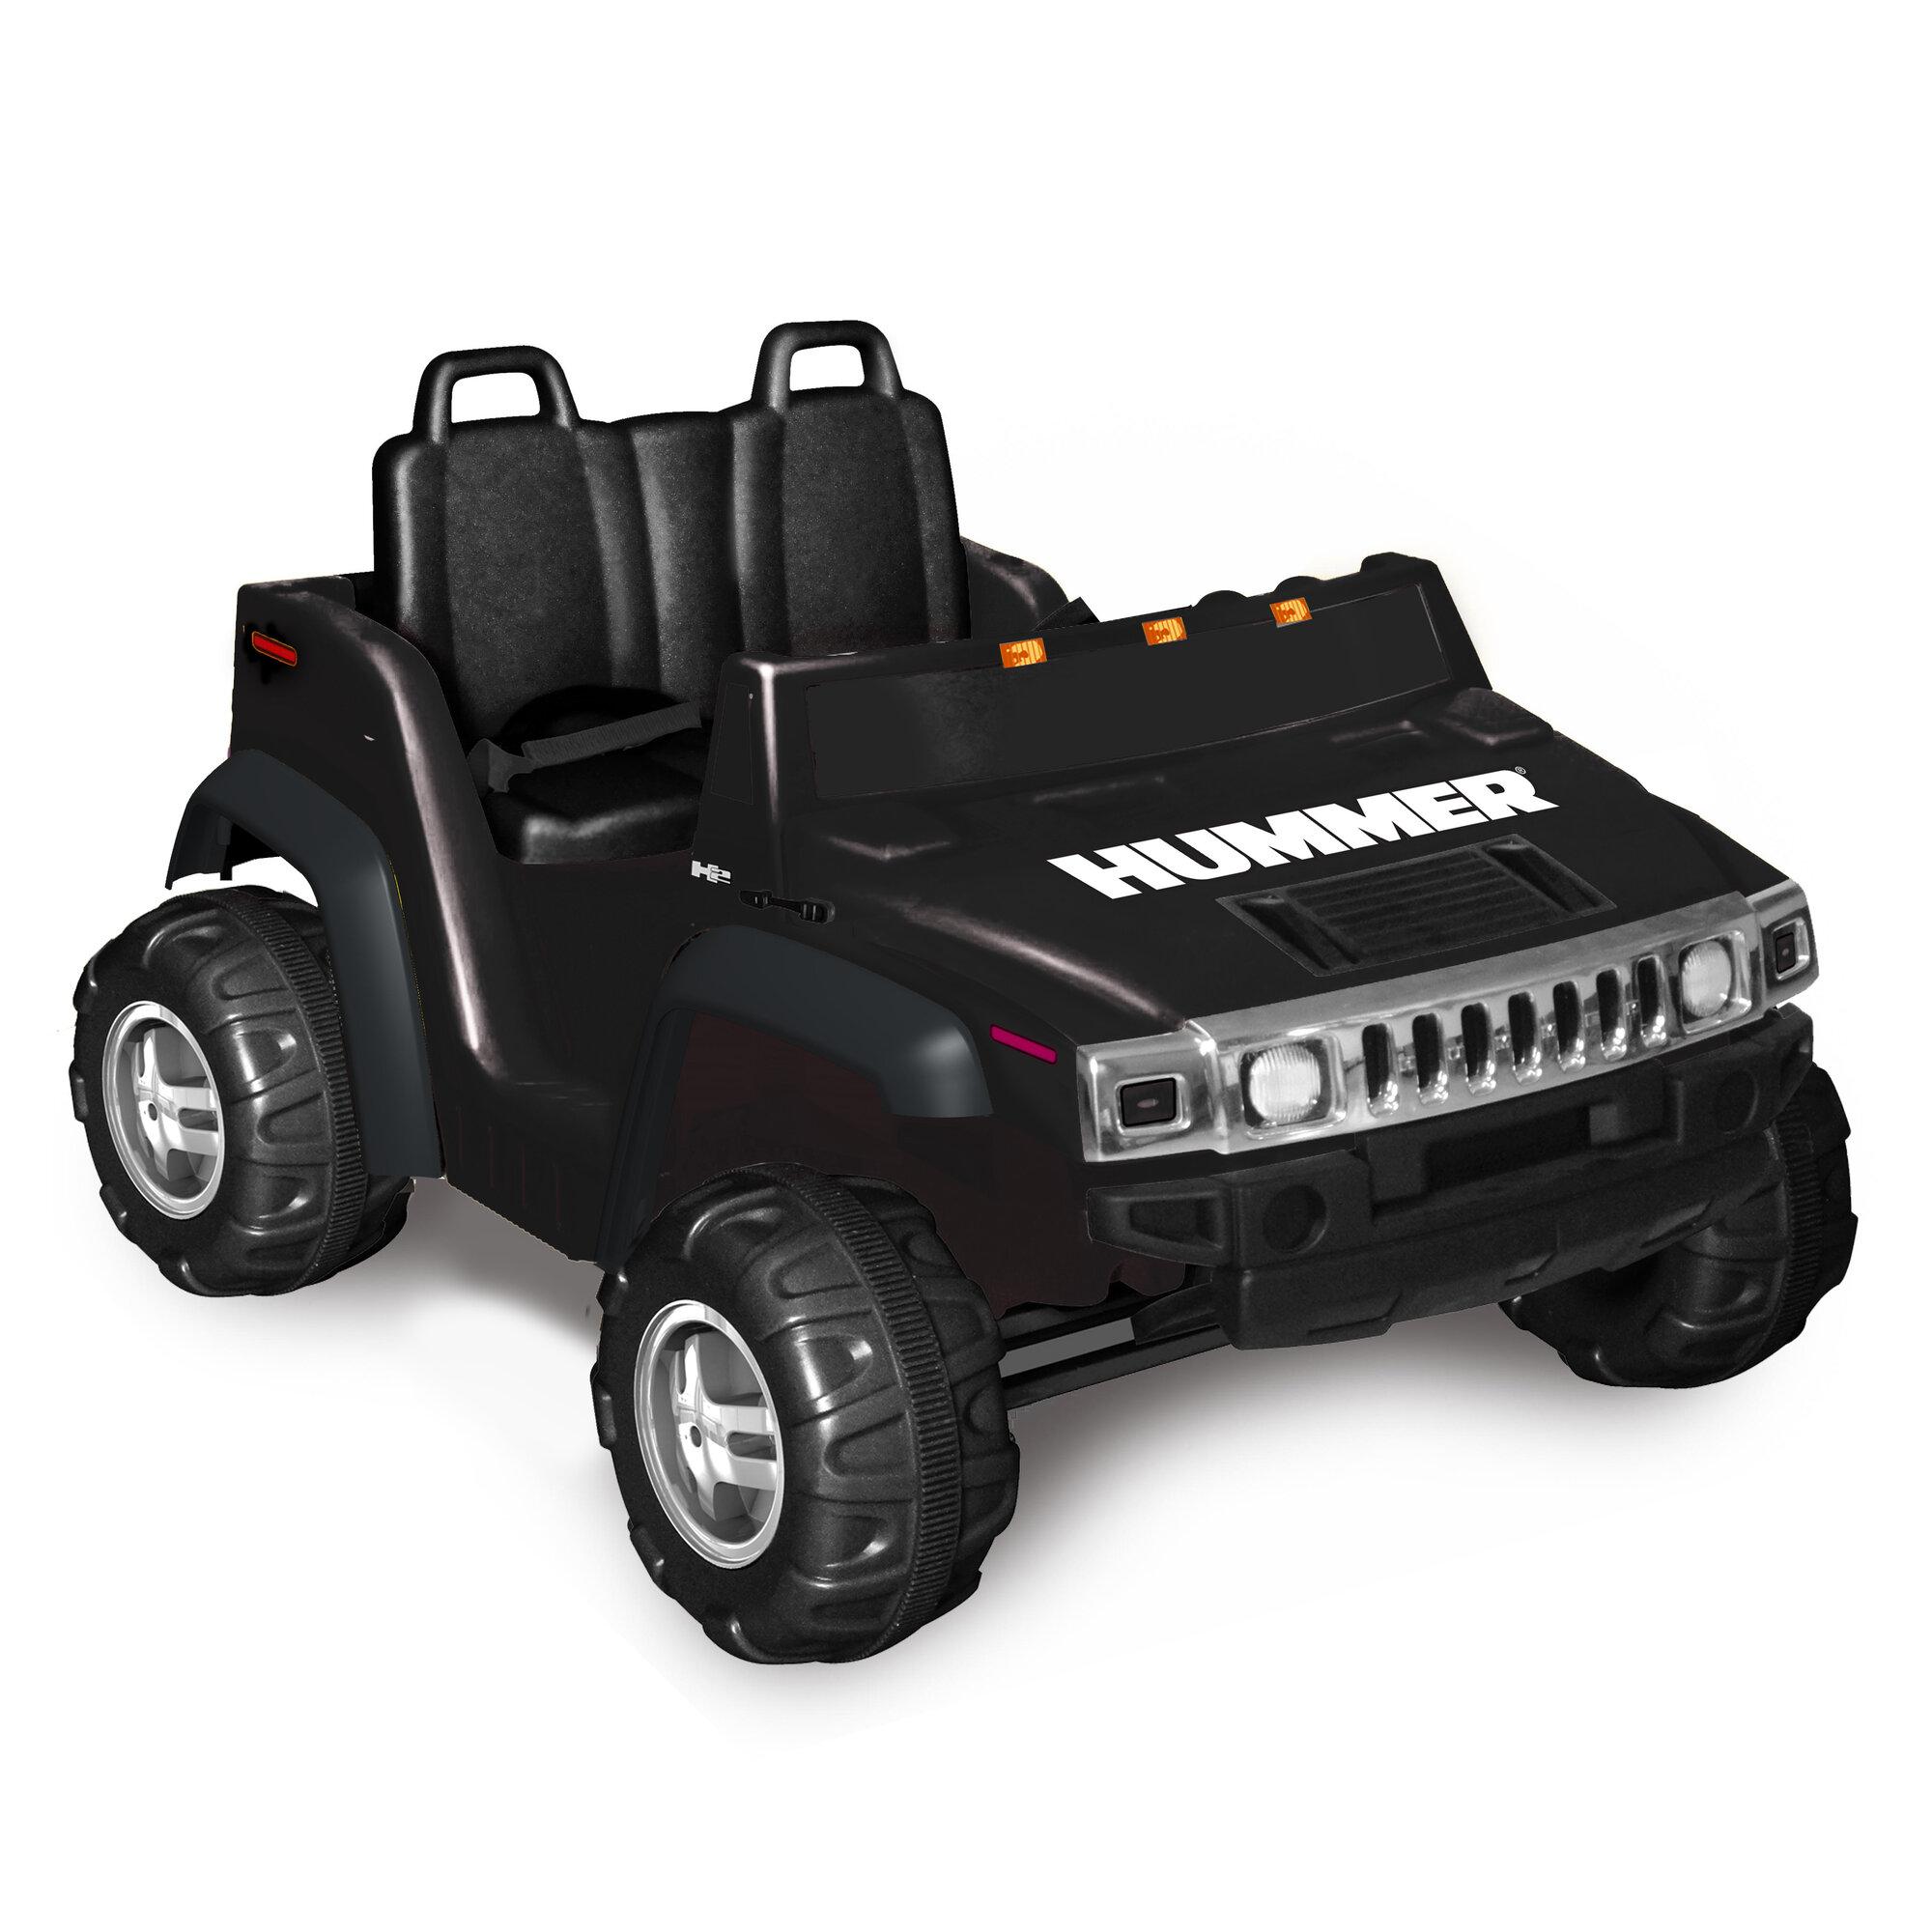 Details about Kidz Motorz Hummer H14 114V Battery Powered Jeep Black   12v hummer